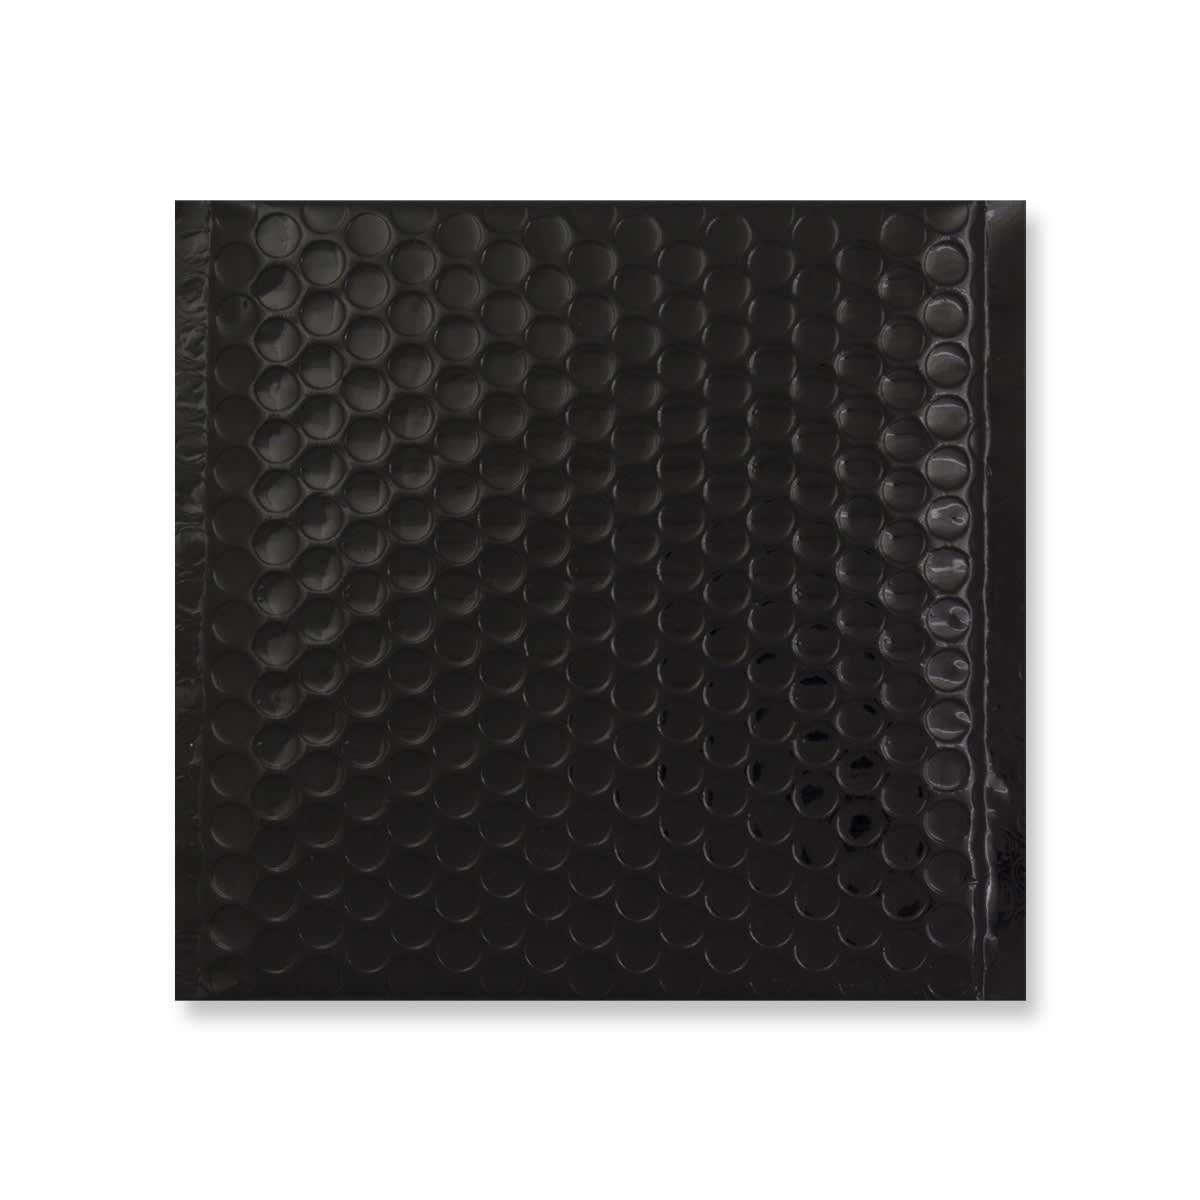 165MM SQUARE GLOSS METALLIC BLACK PADDED ENVELOPES